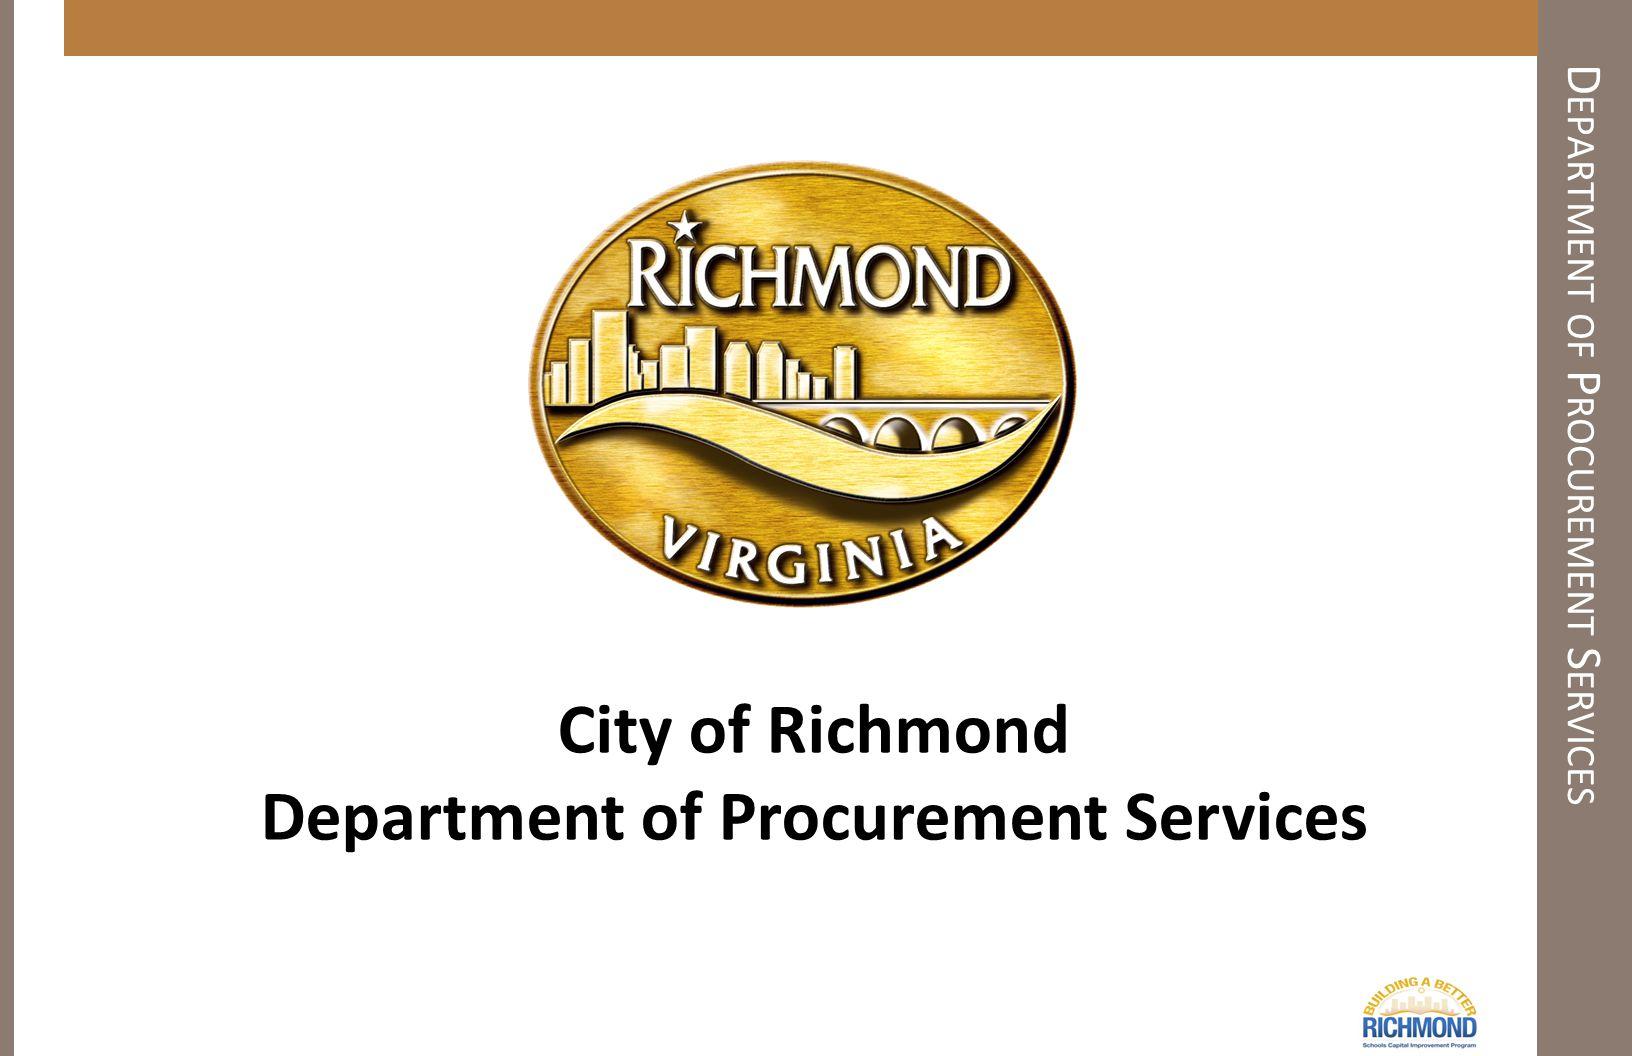 D EPARTMENT OF P ROCUREMENT S ERVICES City of Richmond Department of Procurement Services